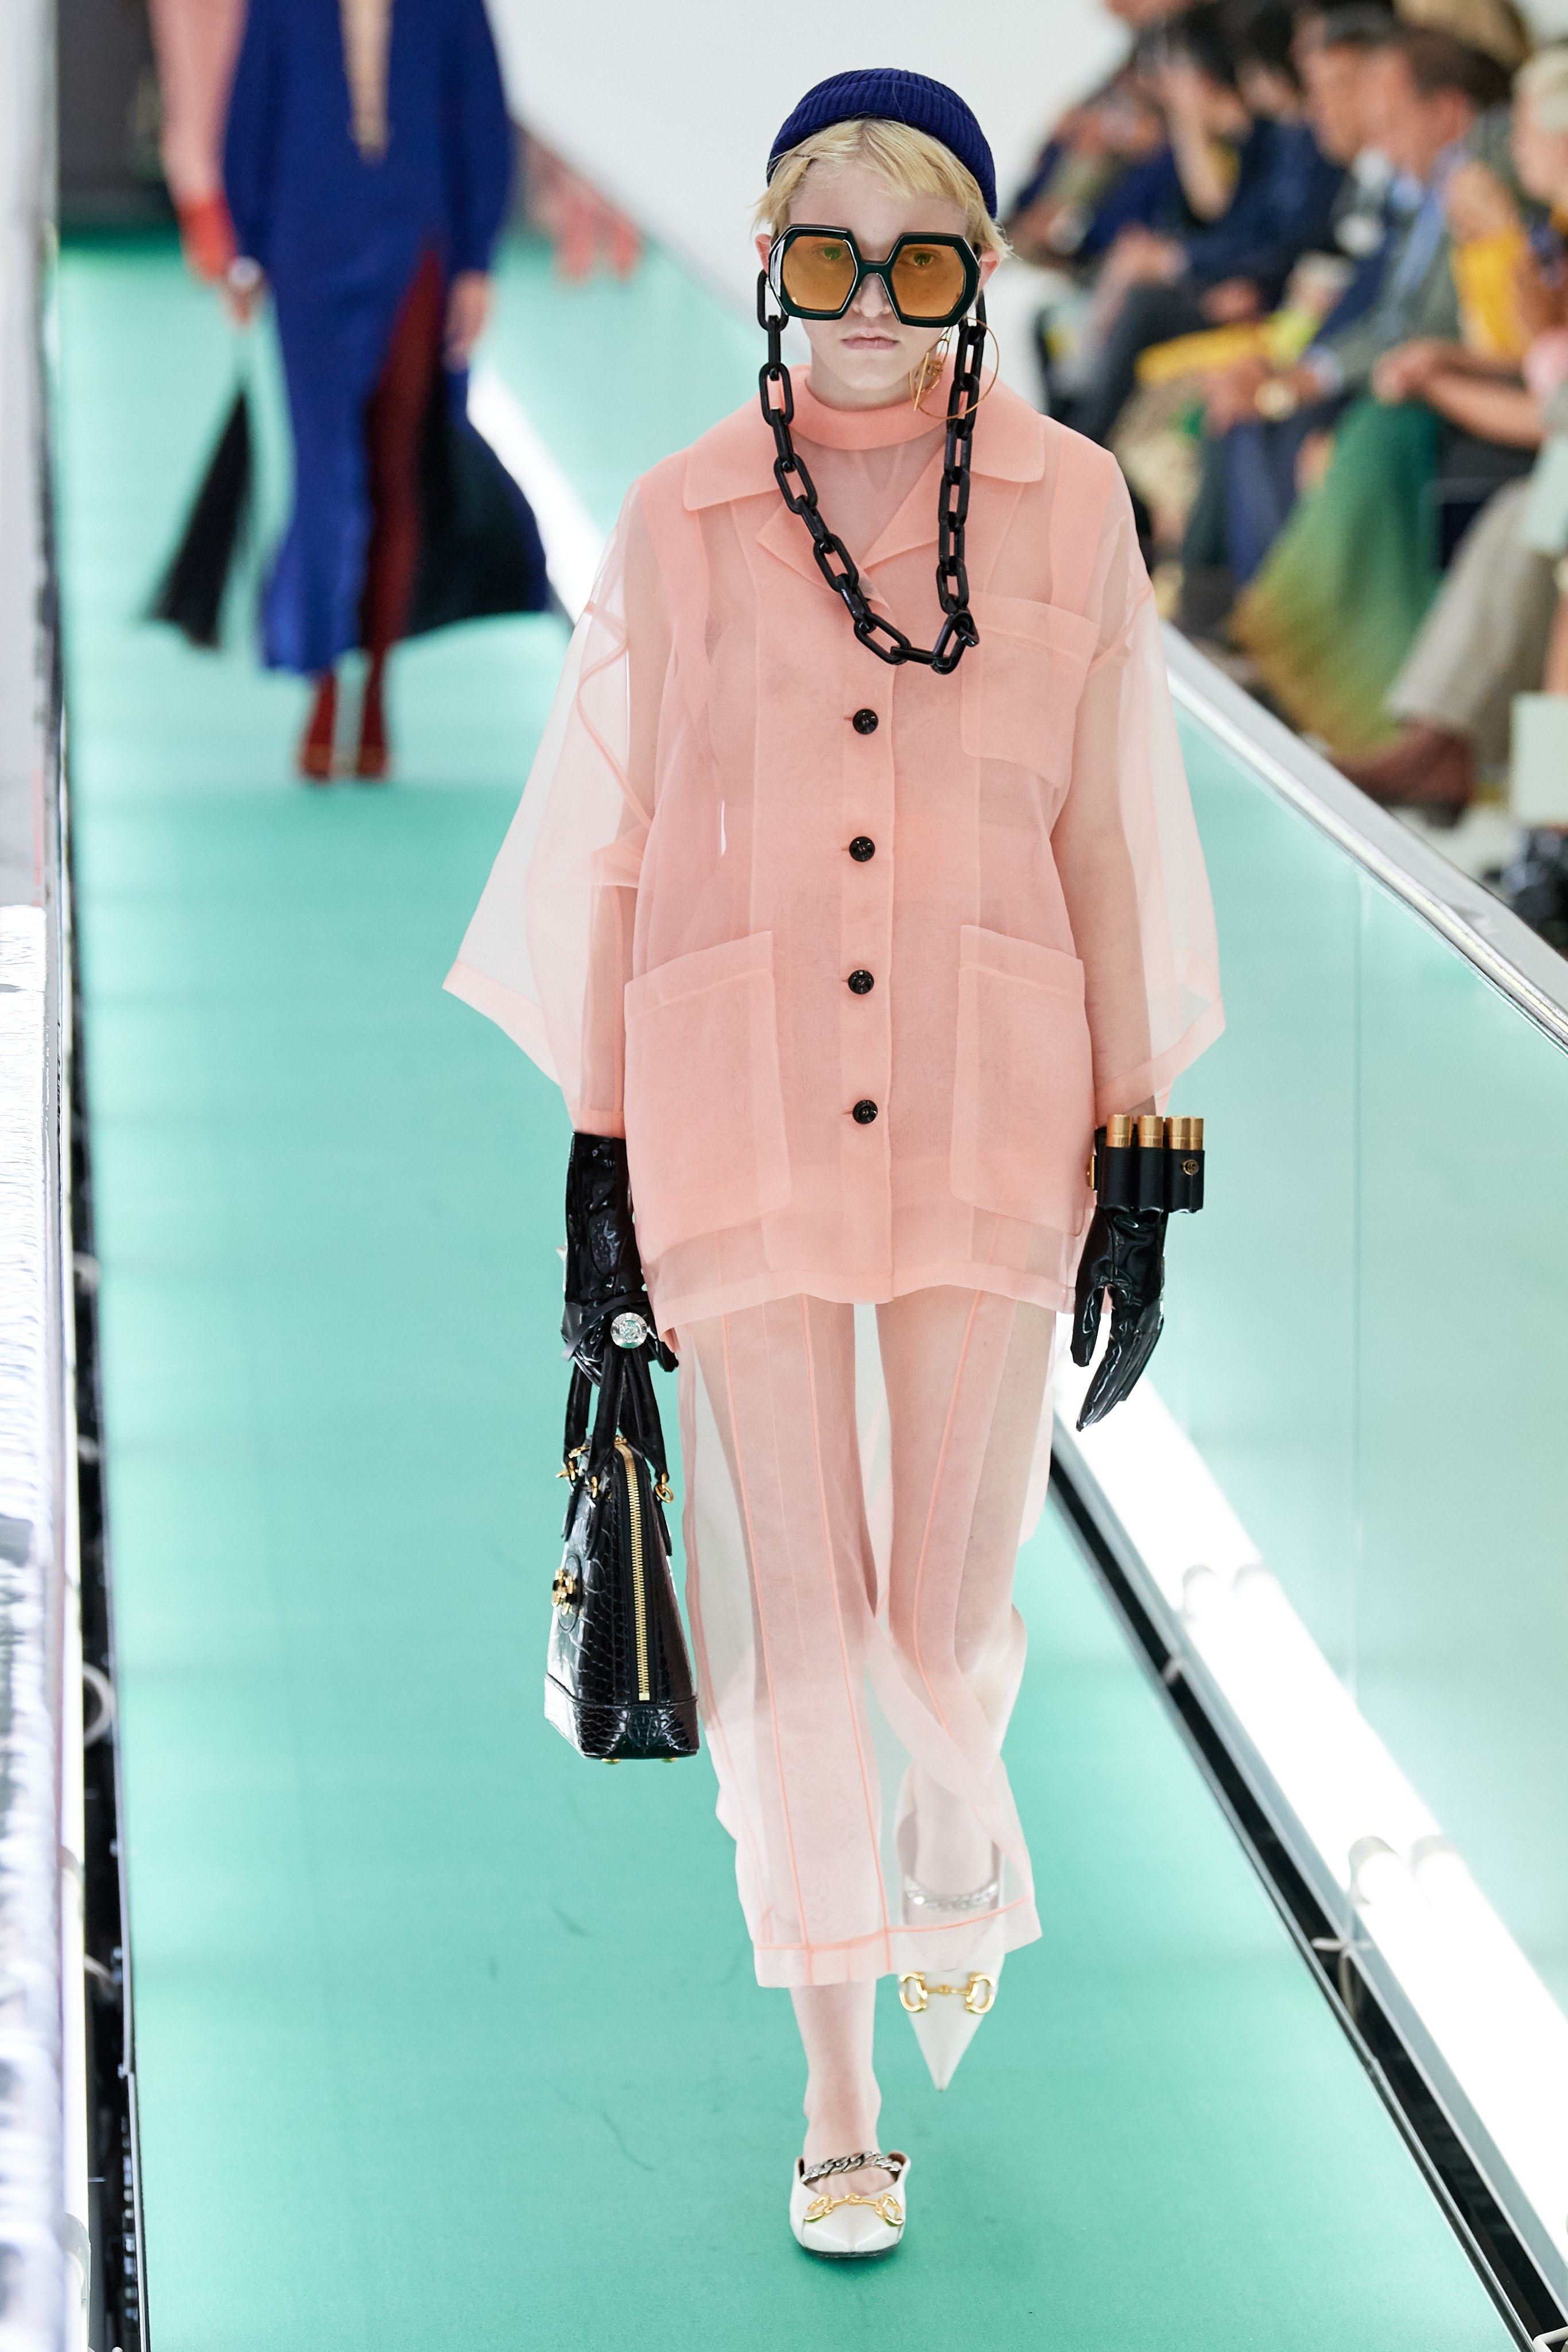 trang phục hồng pastel trong bộ sưu tập gucci xuân hè 2020